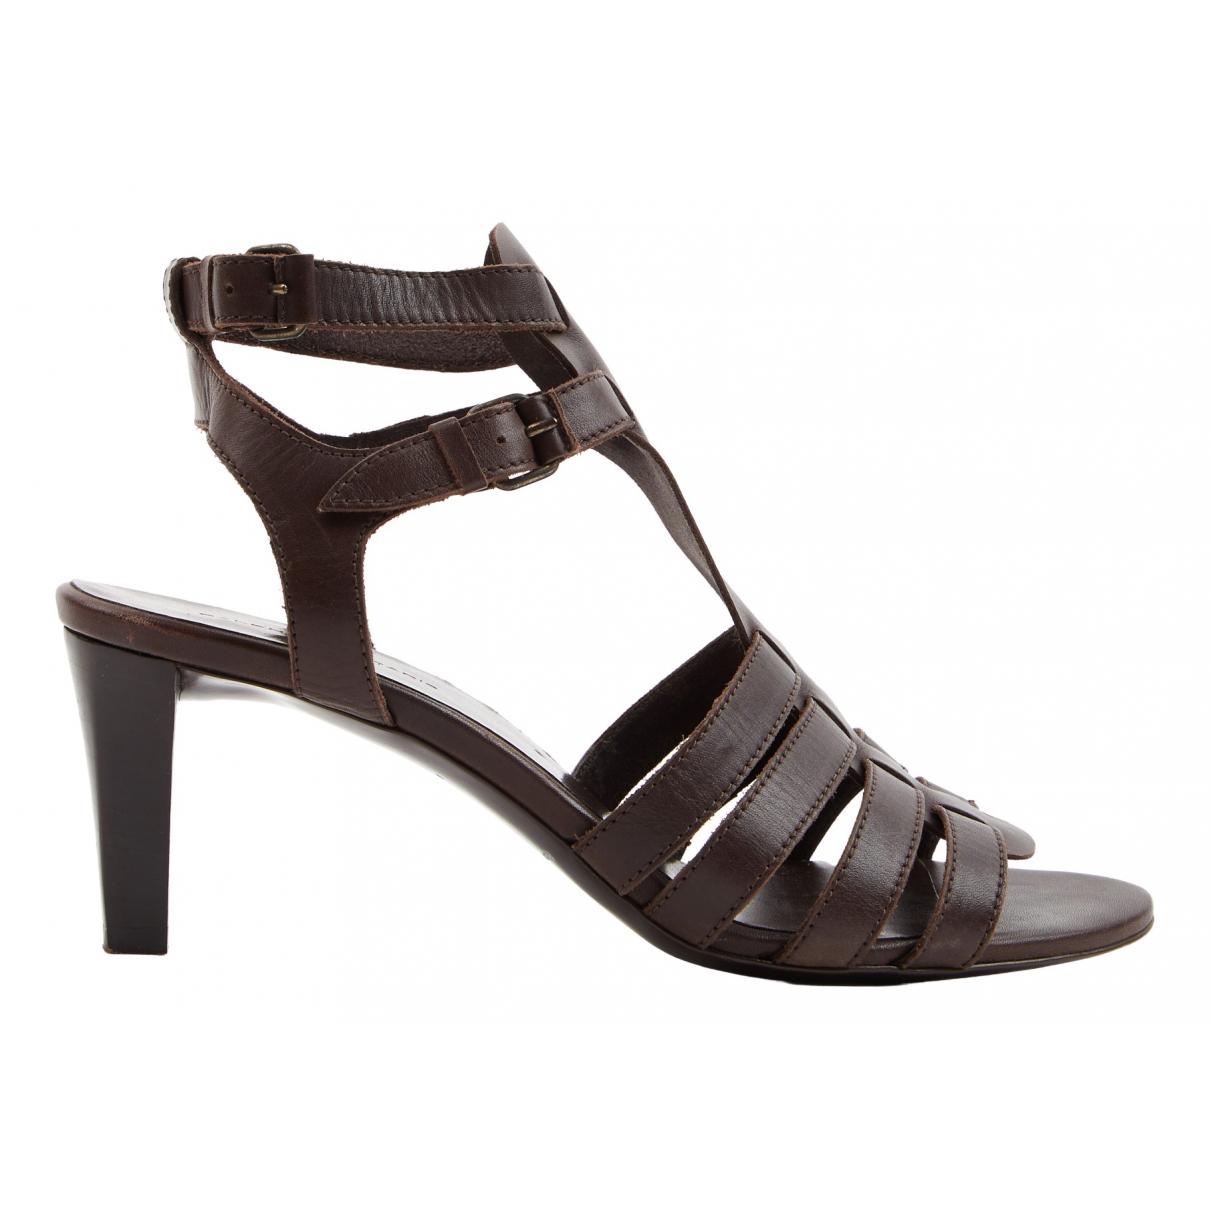 Balenciaga N Brown Leather Sandals for Women 38.5 EU